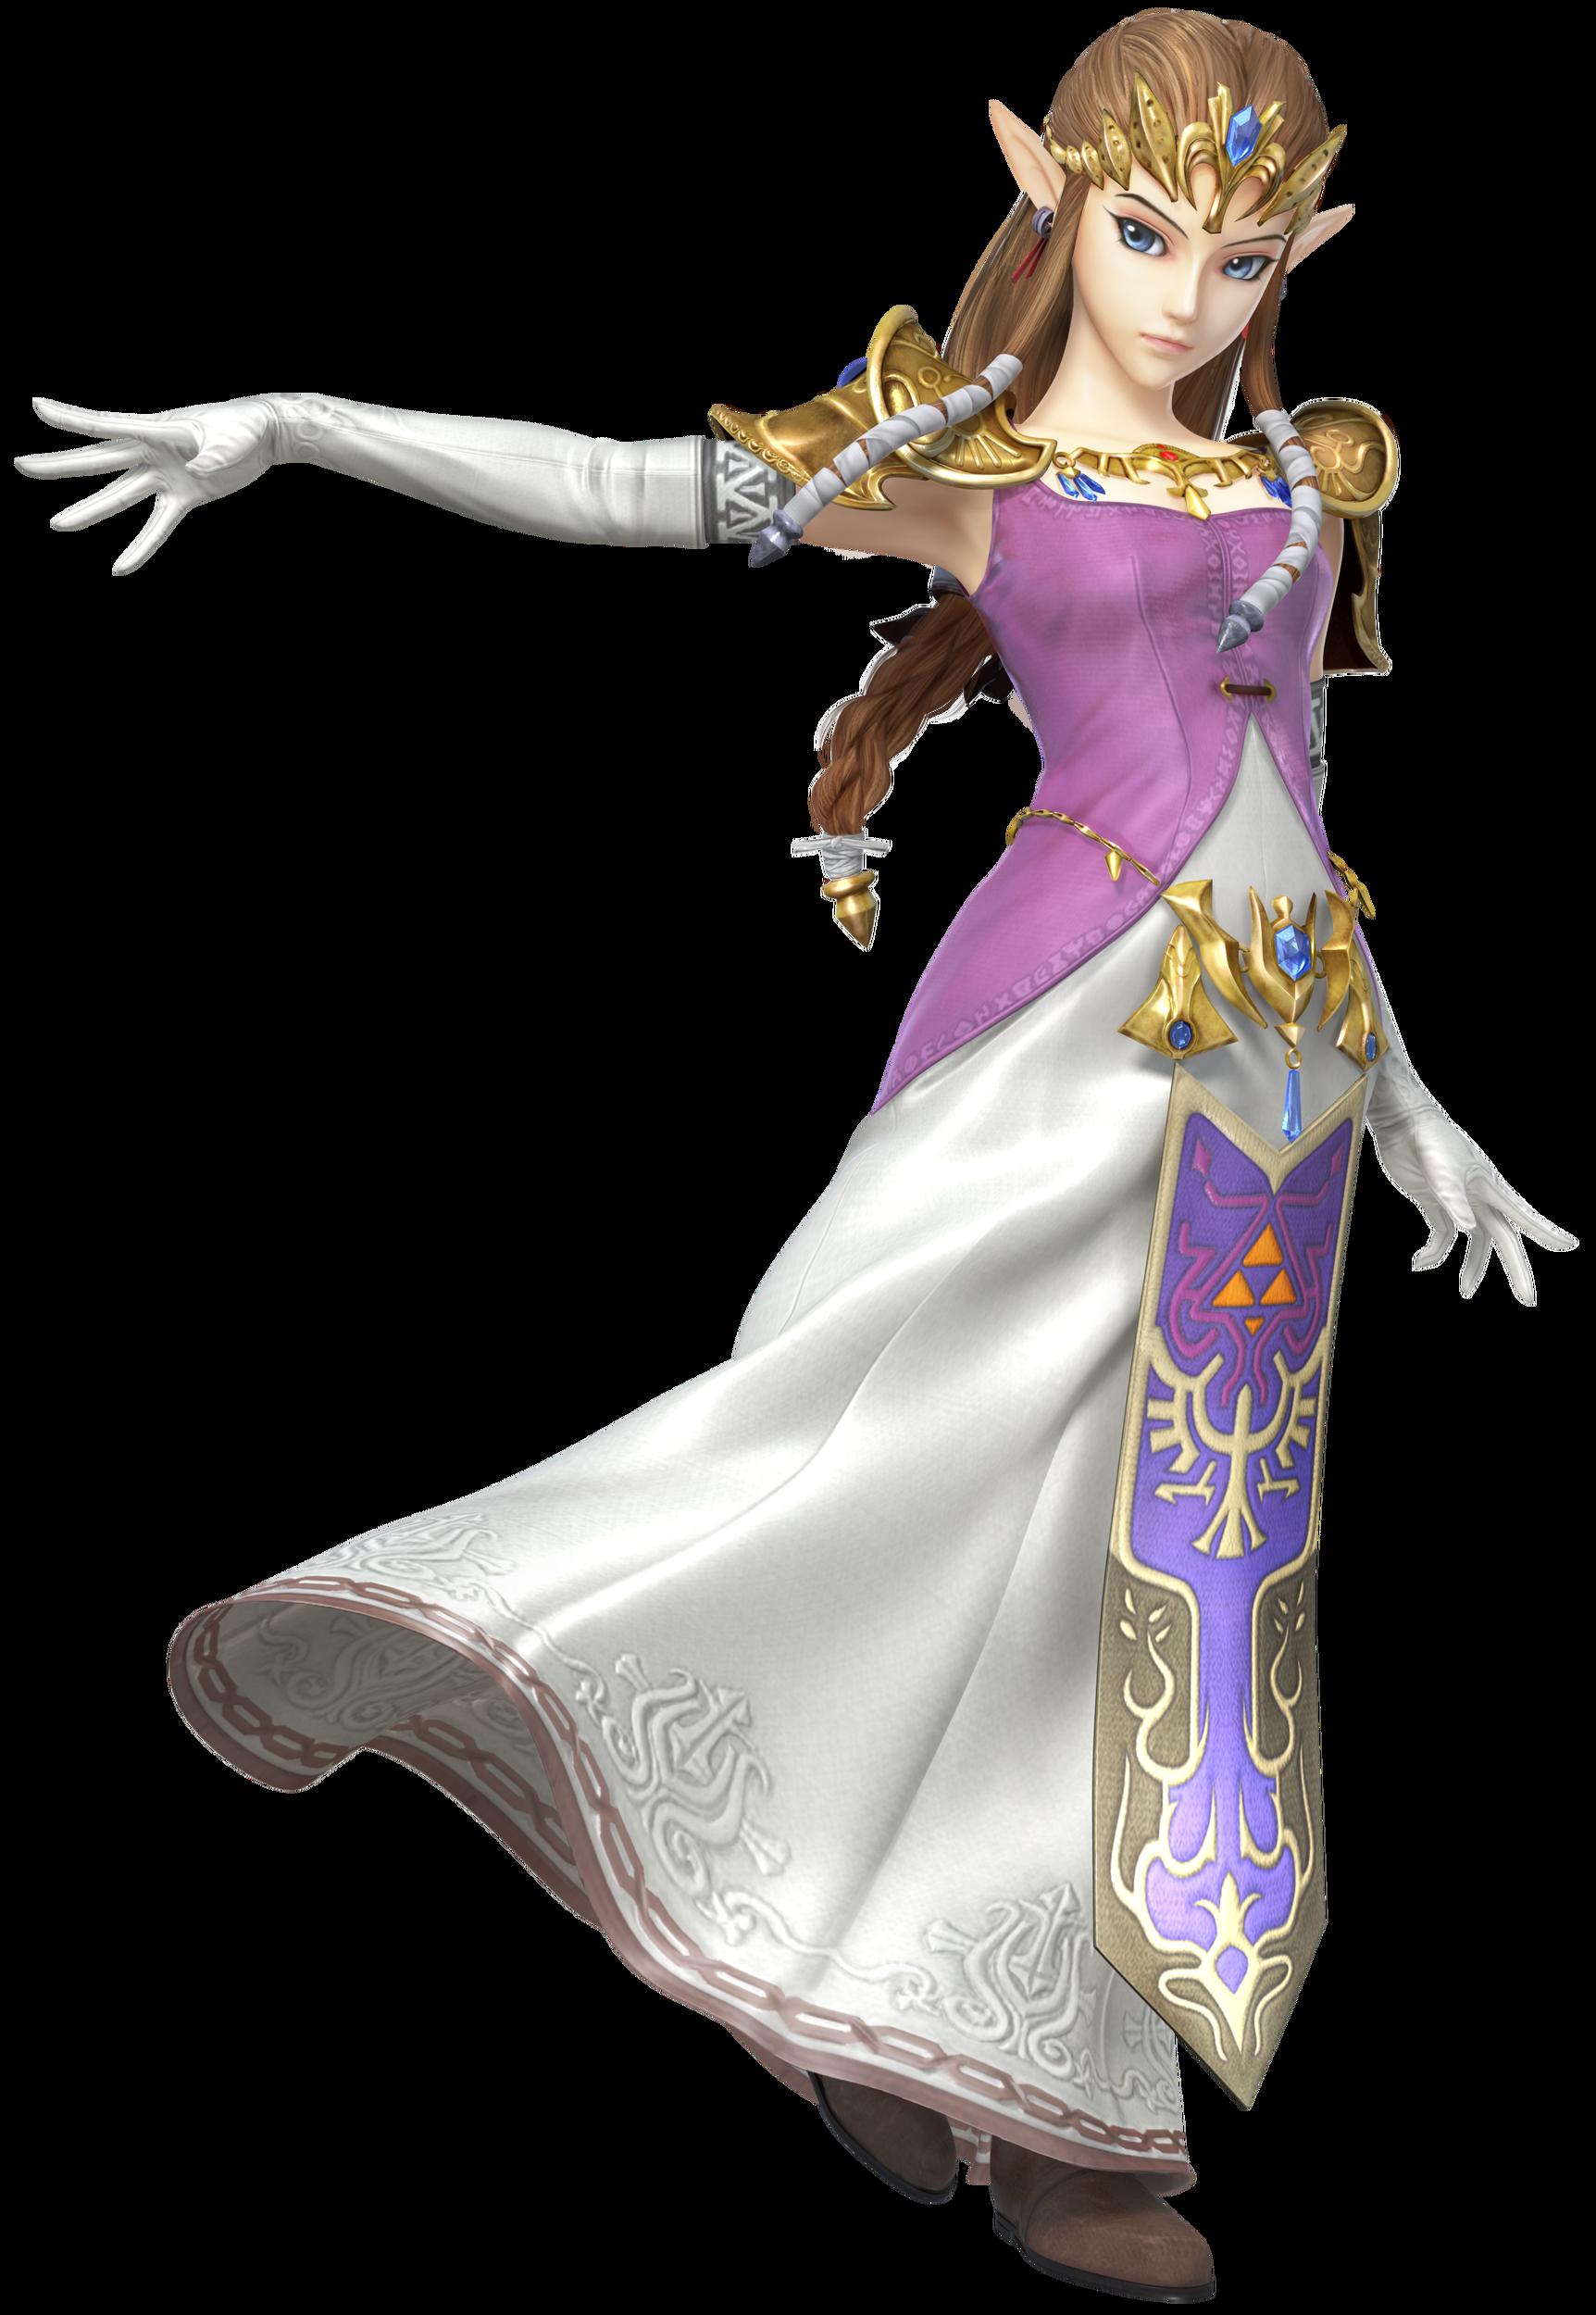 Princess Zelda - Zeldapedia, the Legend of Zelda wiki